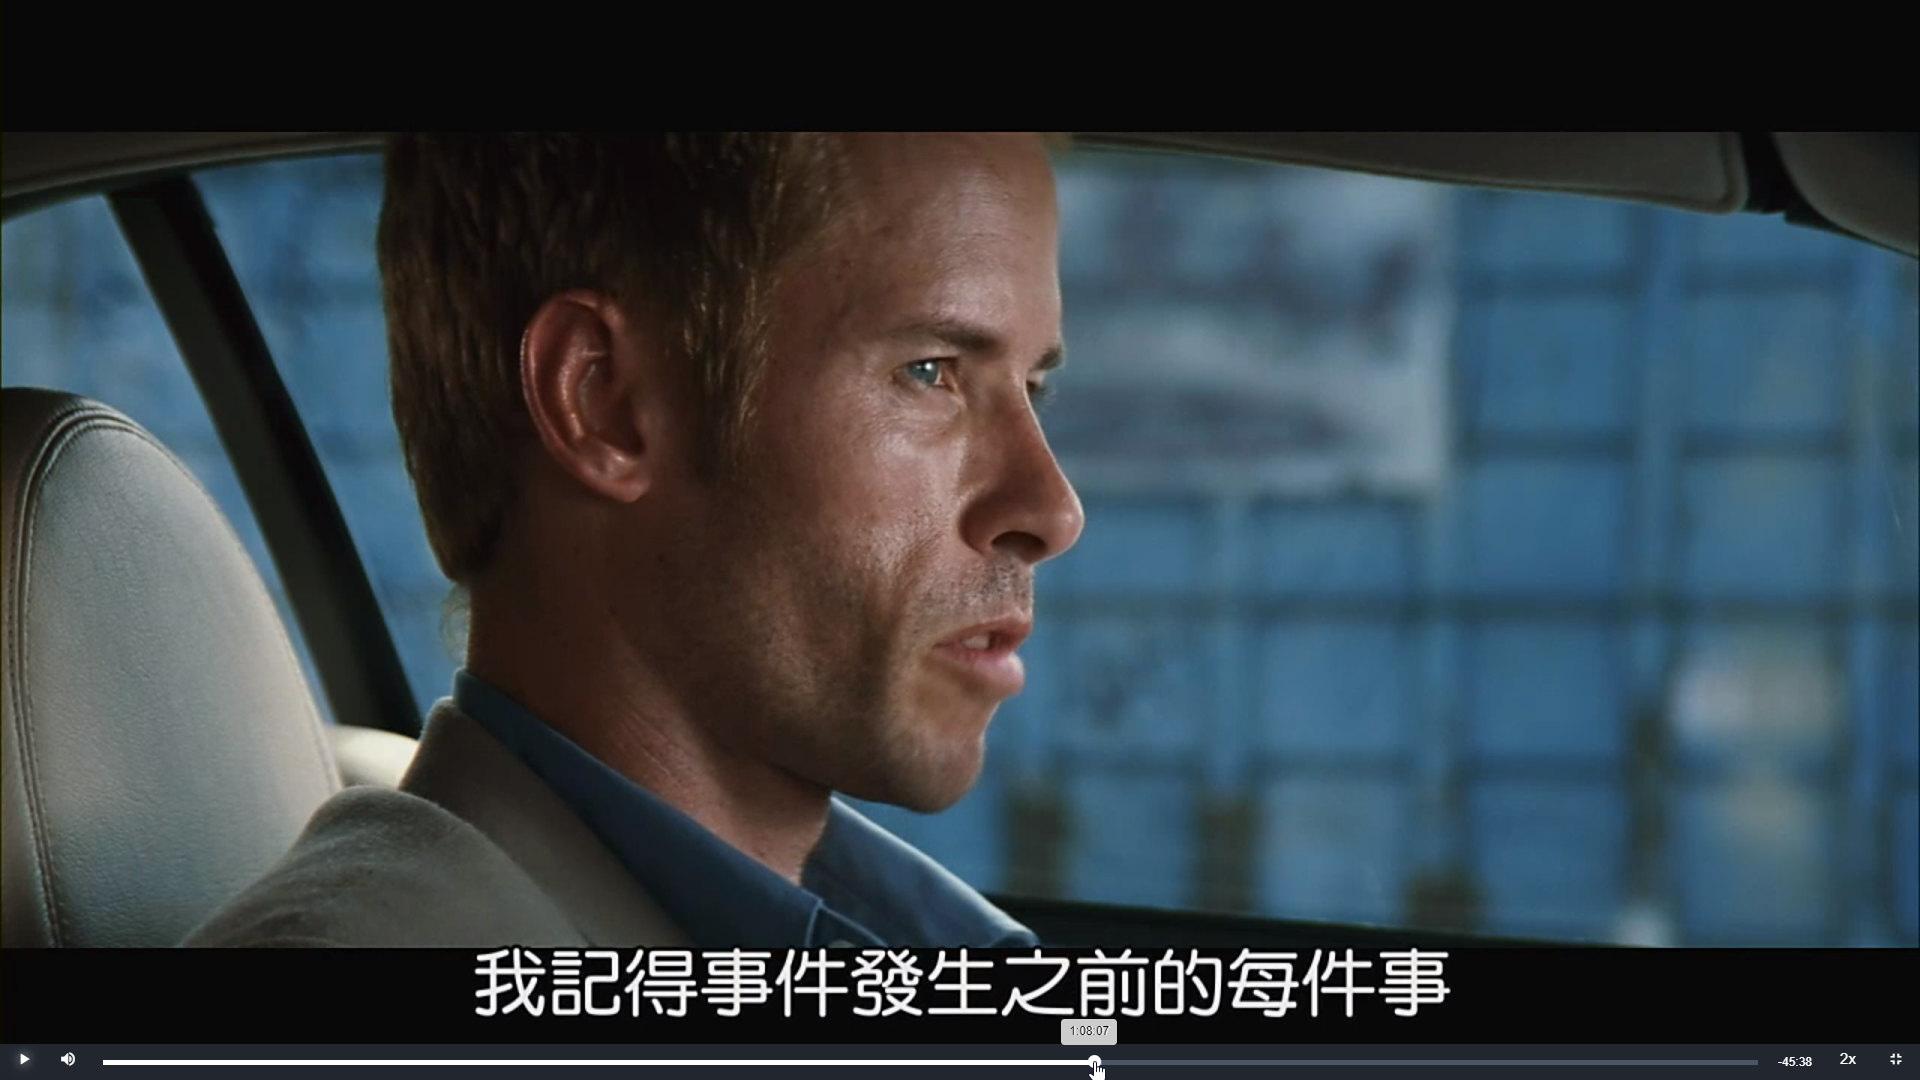 [感想] 電影-記憶拼圖 Memento (2000) 整理順序劇情&爭議討論-105.jpg